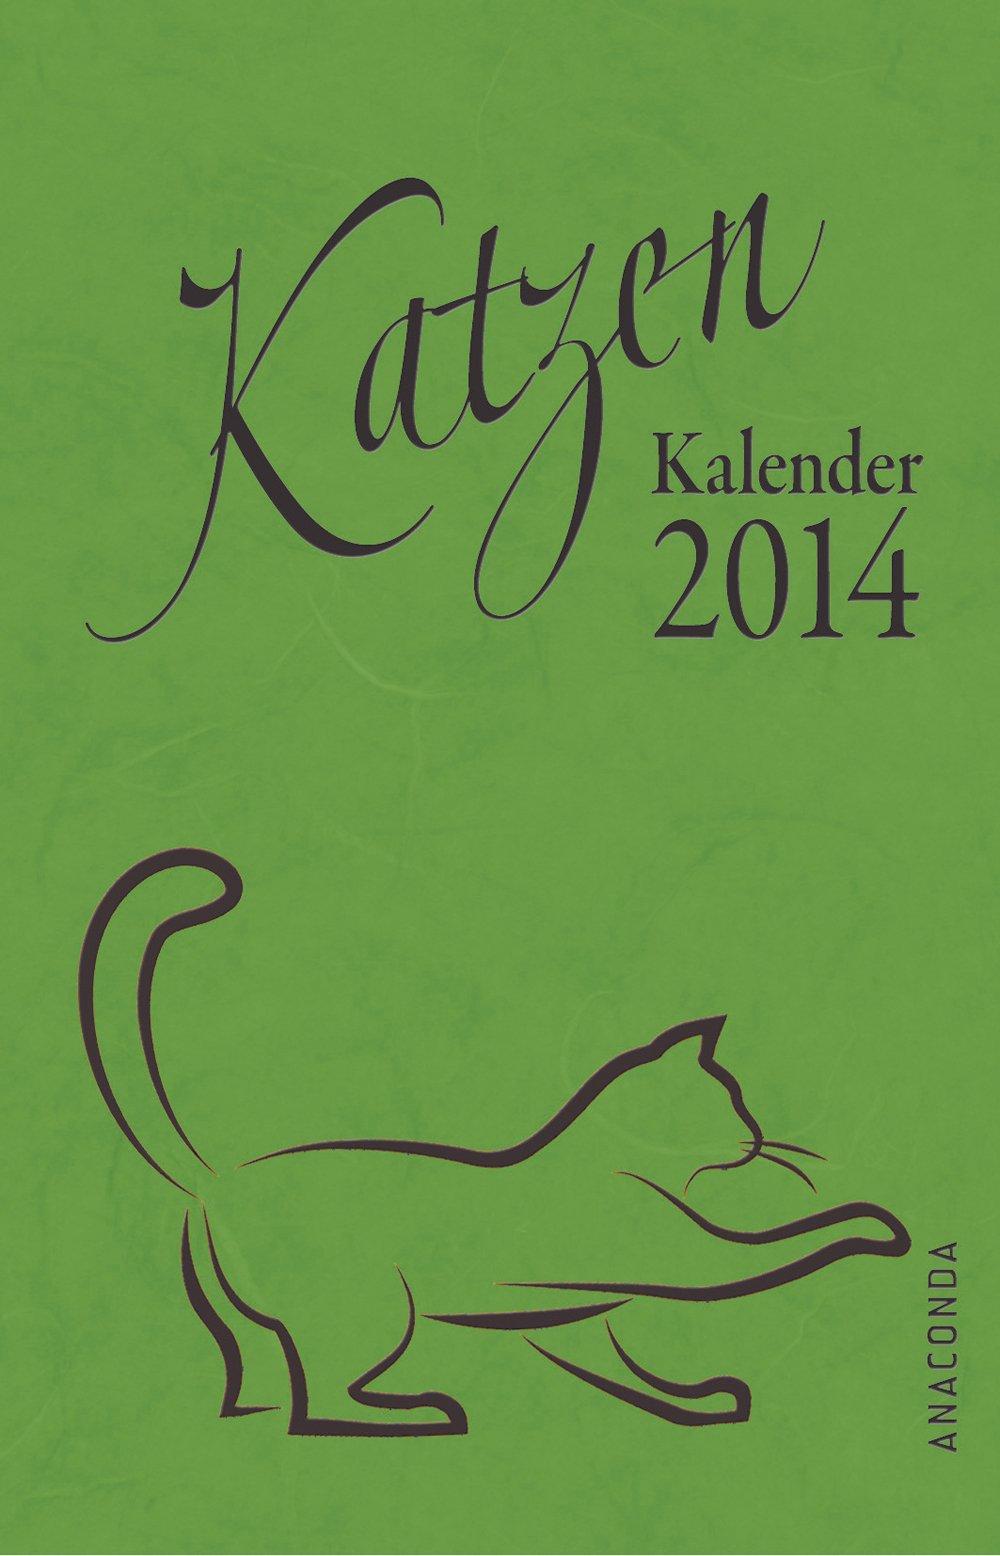 Kalender Katzen 2014